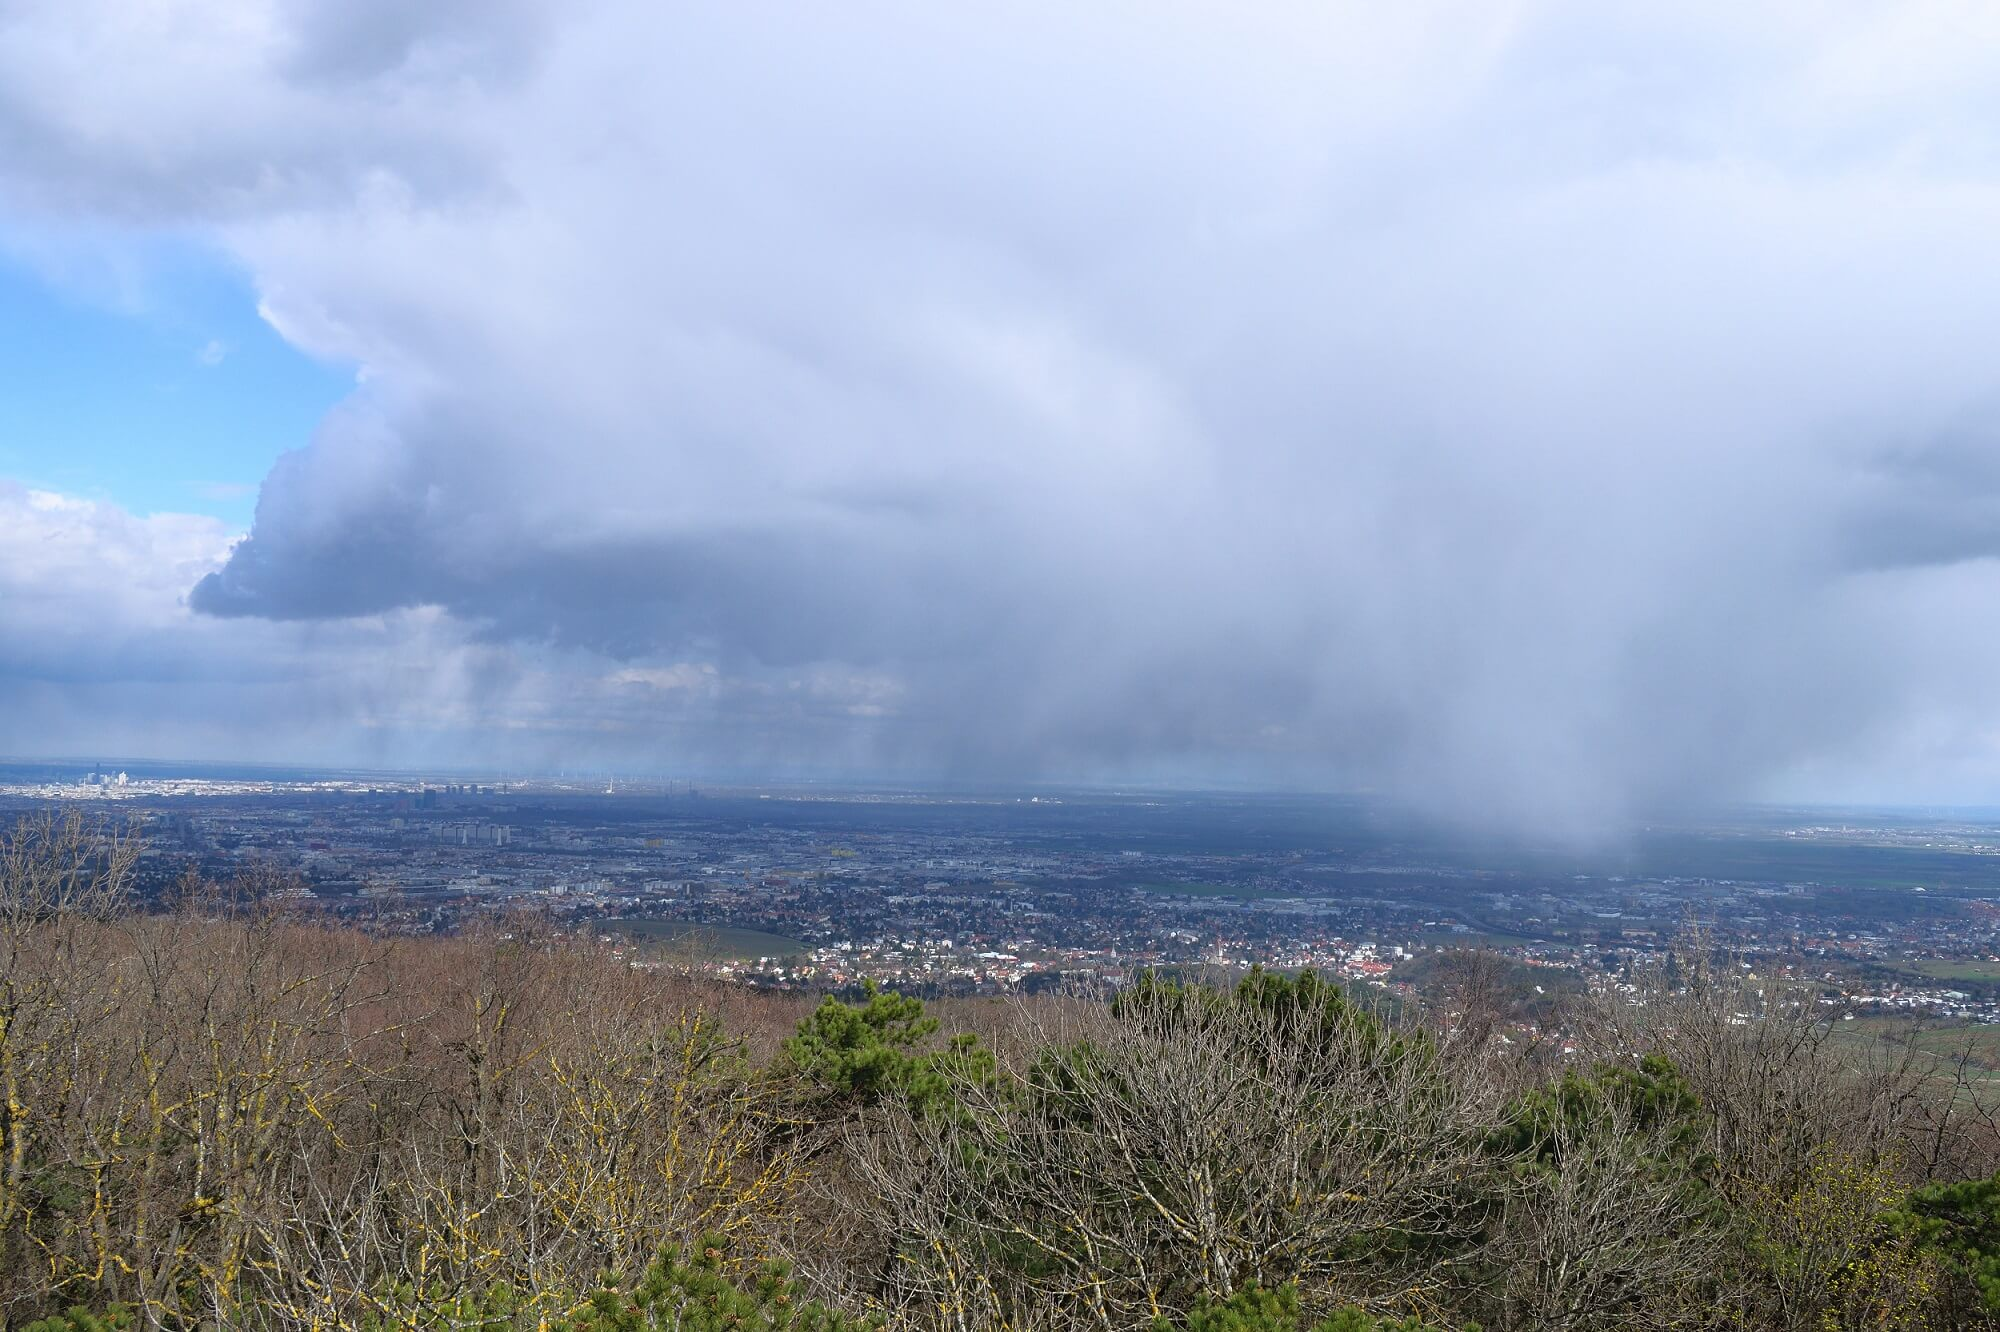 Höhenkaltluft sorgt für typisches Aprilwetter